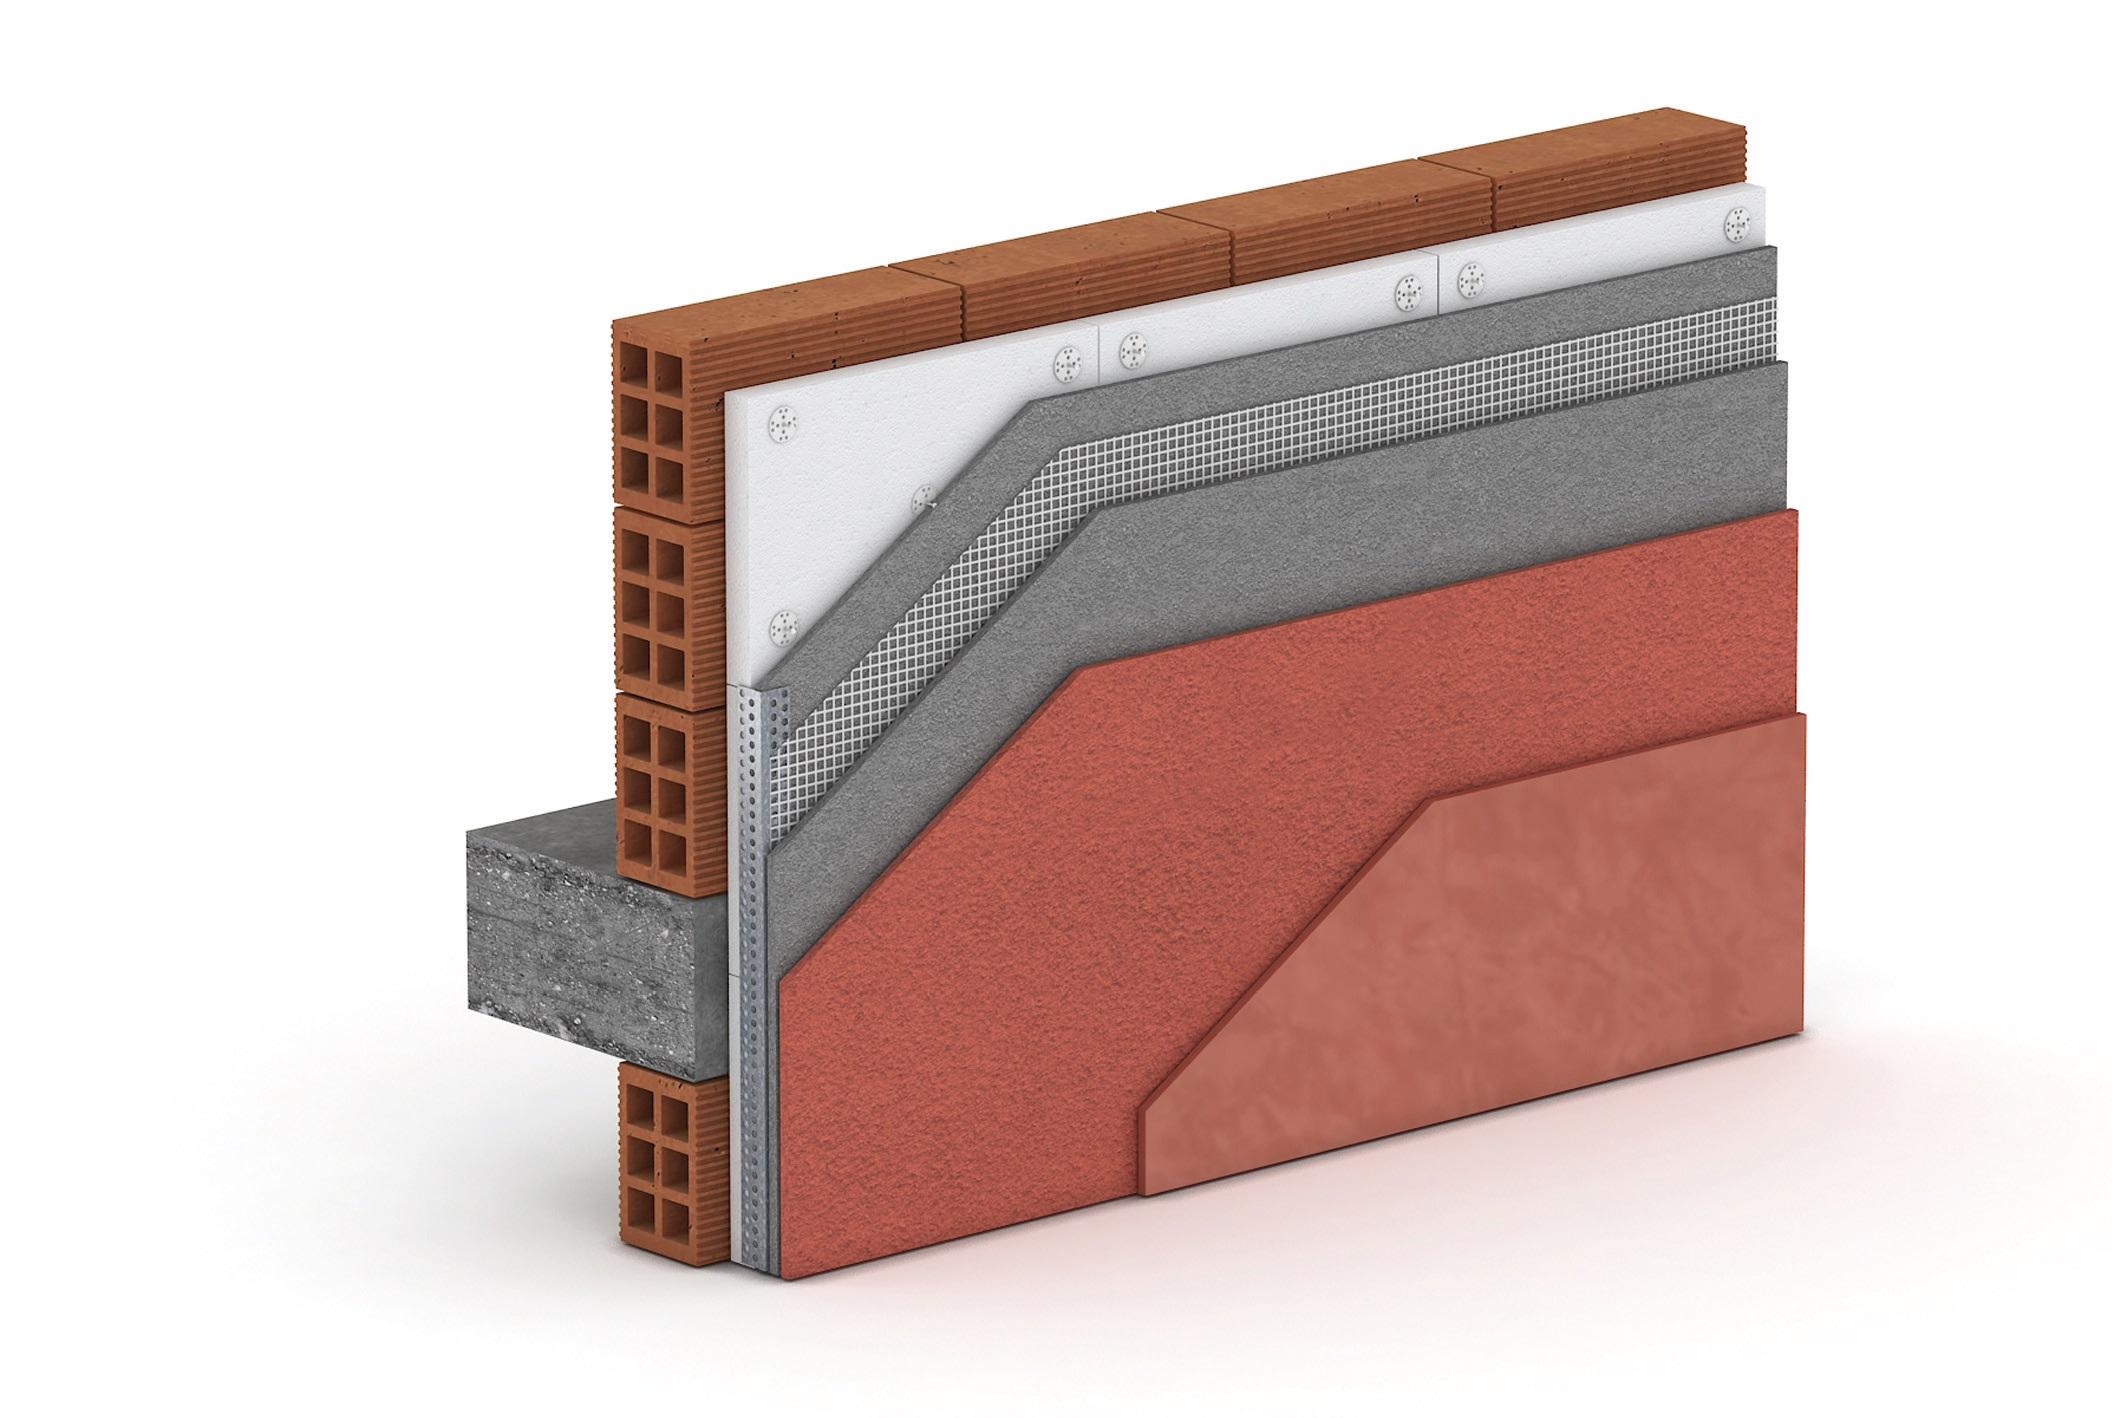 Sate aislamiento t rmico por el exterior rioja - Placas de aislamiento termico ...